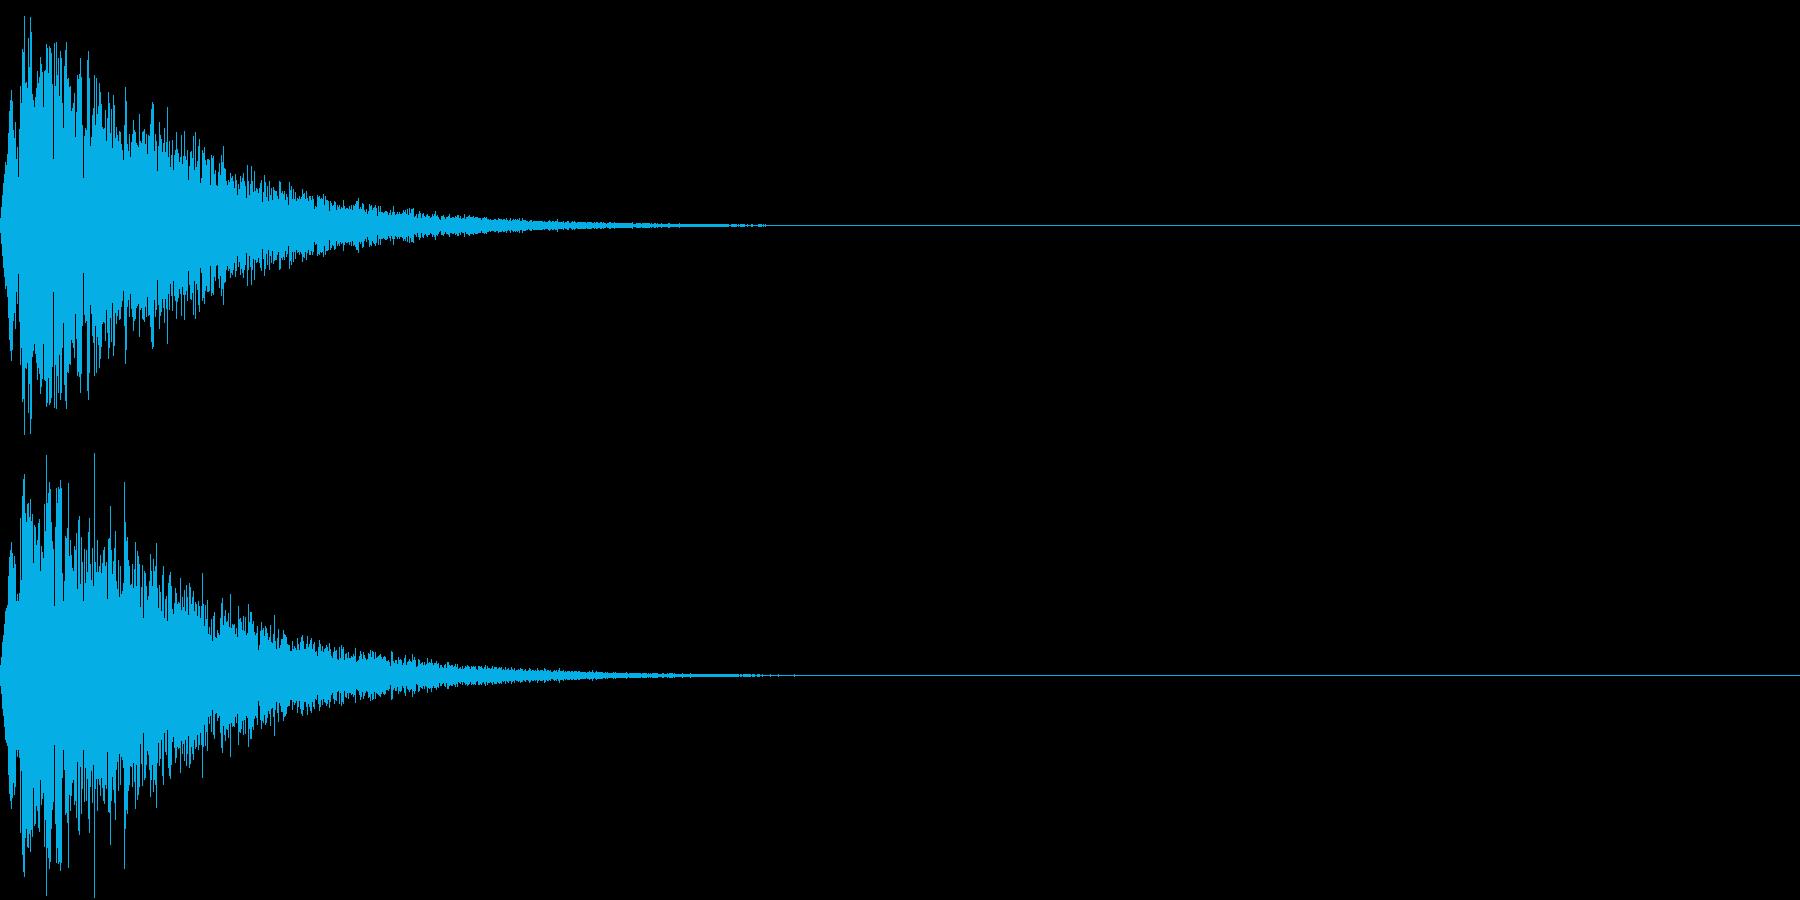 キュイン ボタン ピキーン キーン 15の再生済みの波形